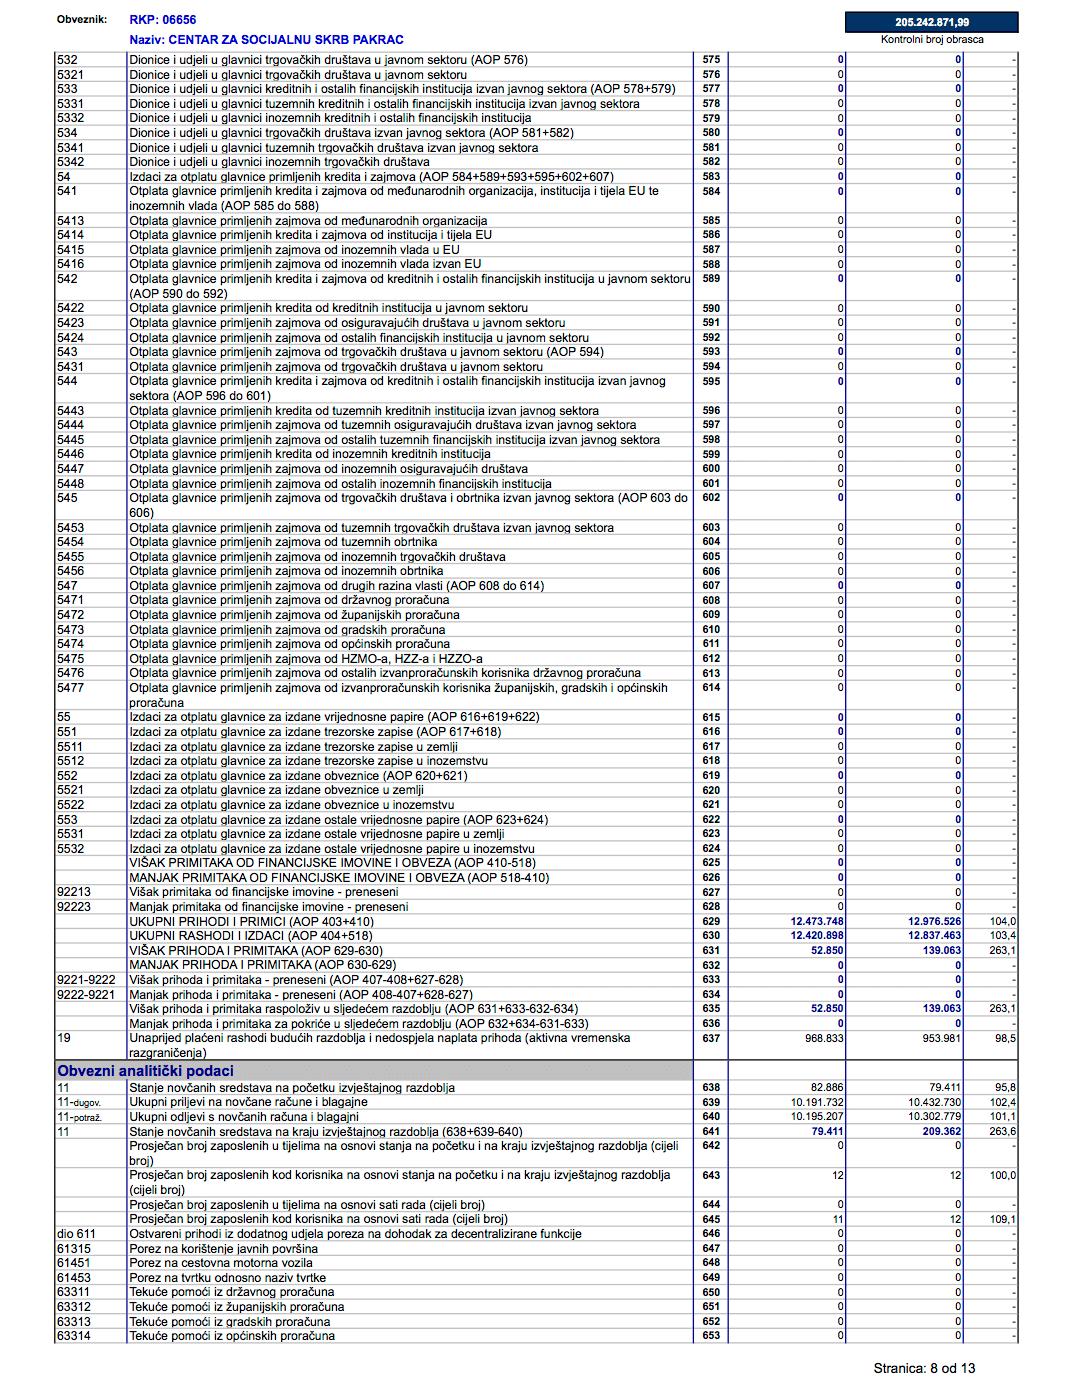 Izvještaj Centra o prihodima i rashodima, primicima i izdacima za 2019. godinu - stranica 8